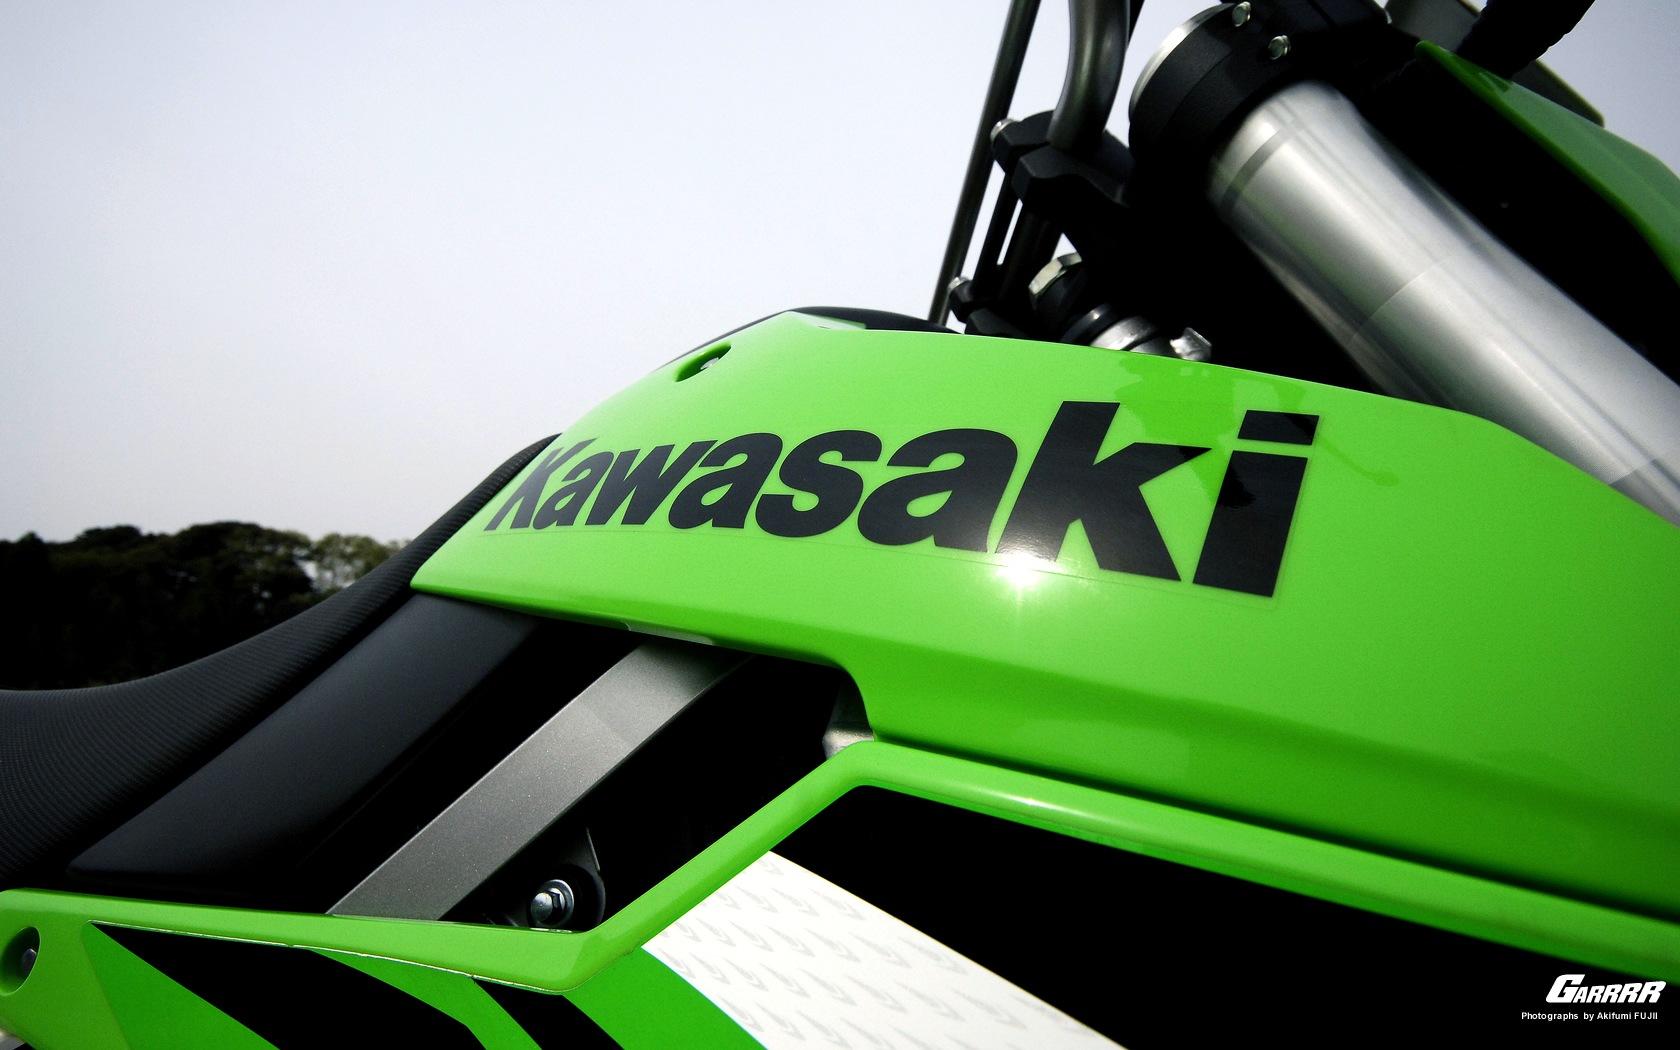 カワサキ Klx250 バイク壁紙集 オフロードバイクならバイクブロス